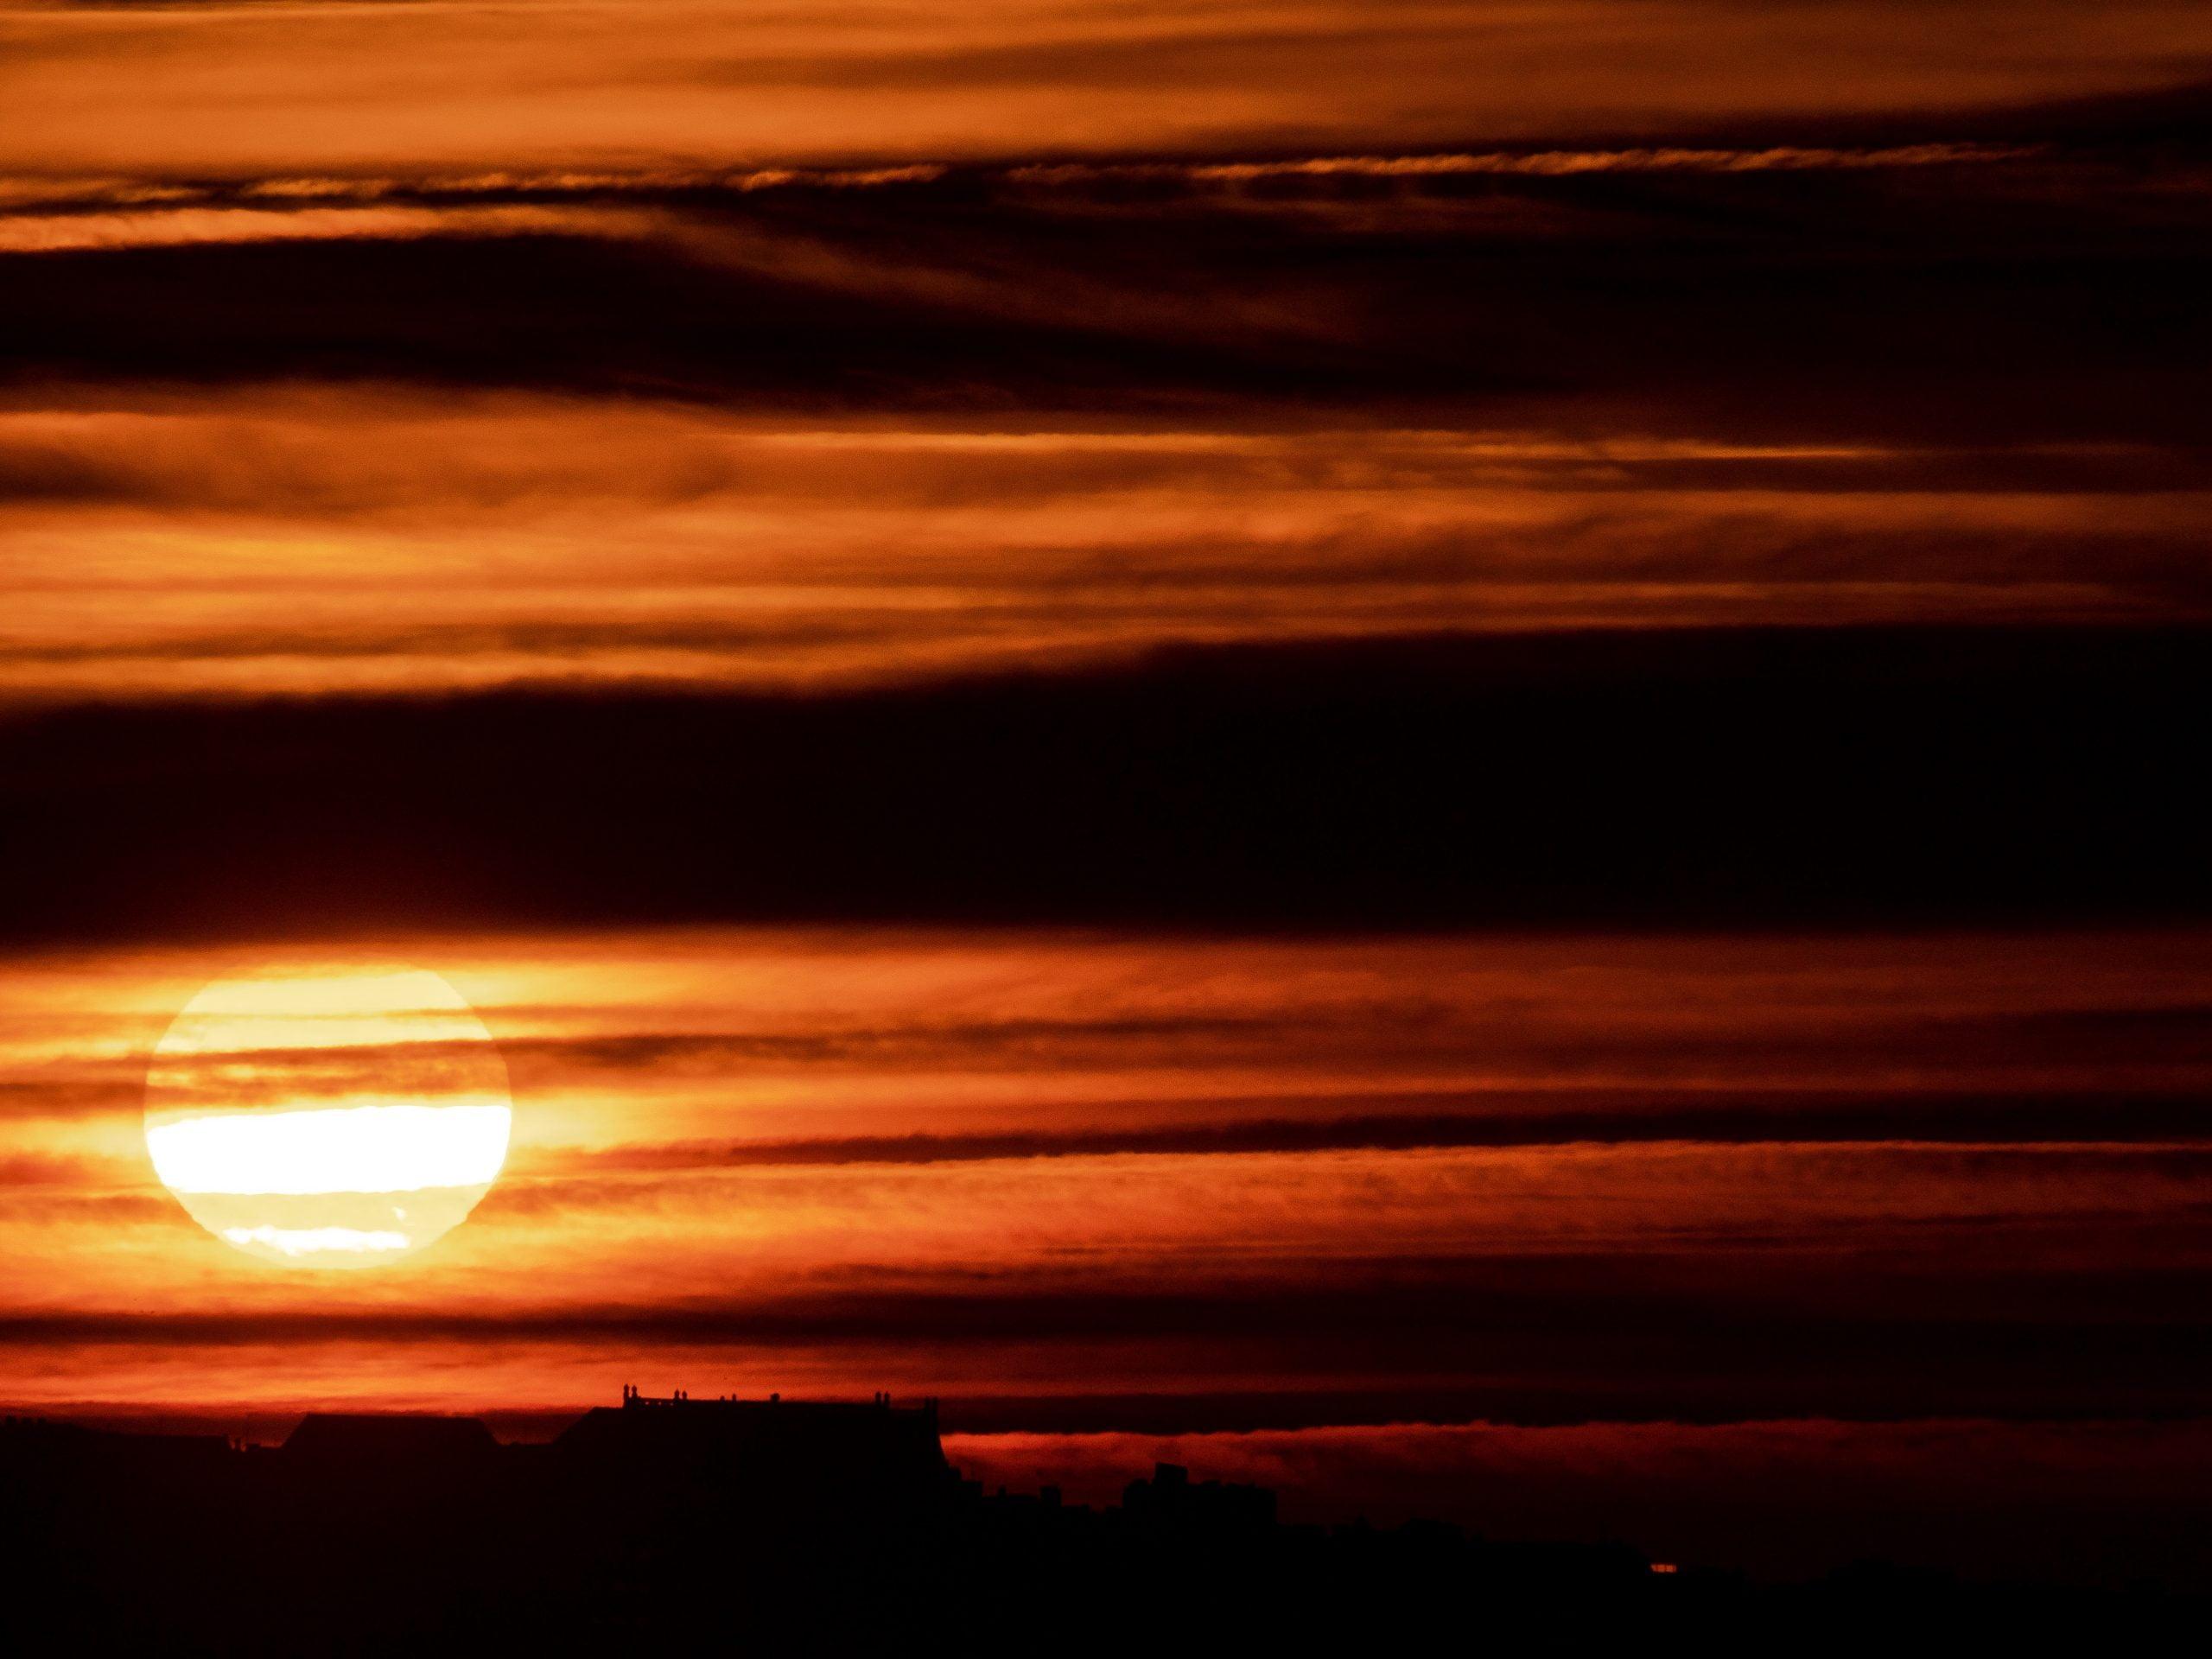 coucher de soleil houlgate